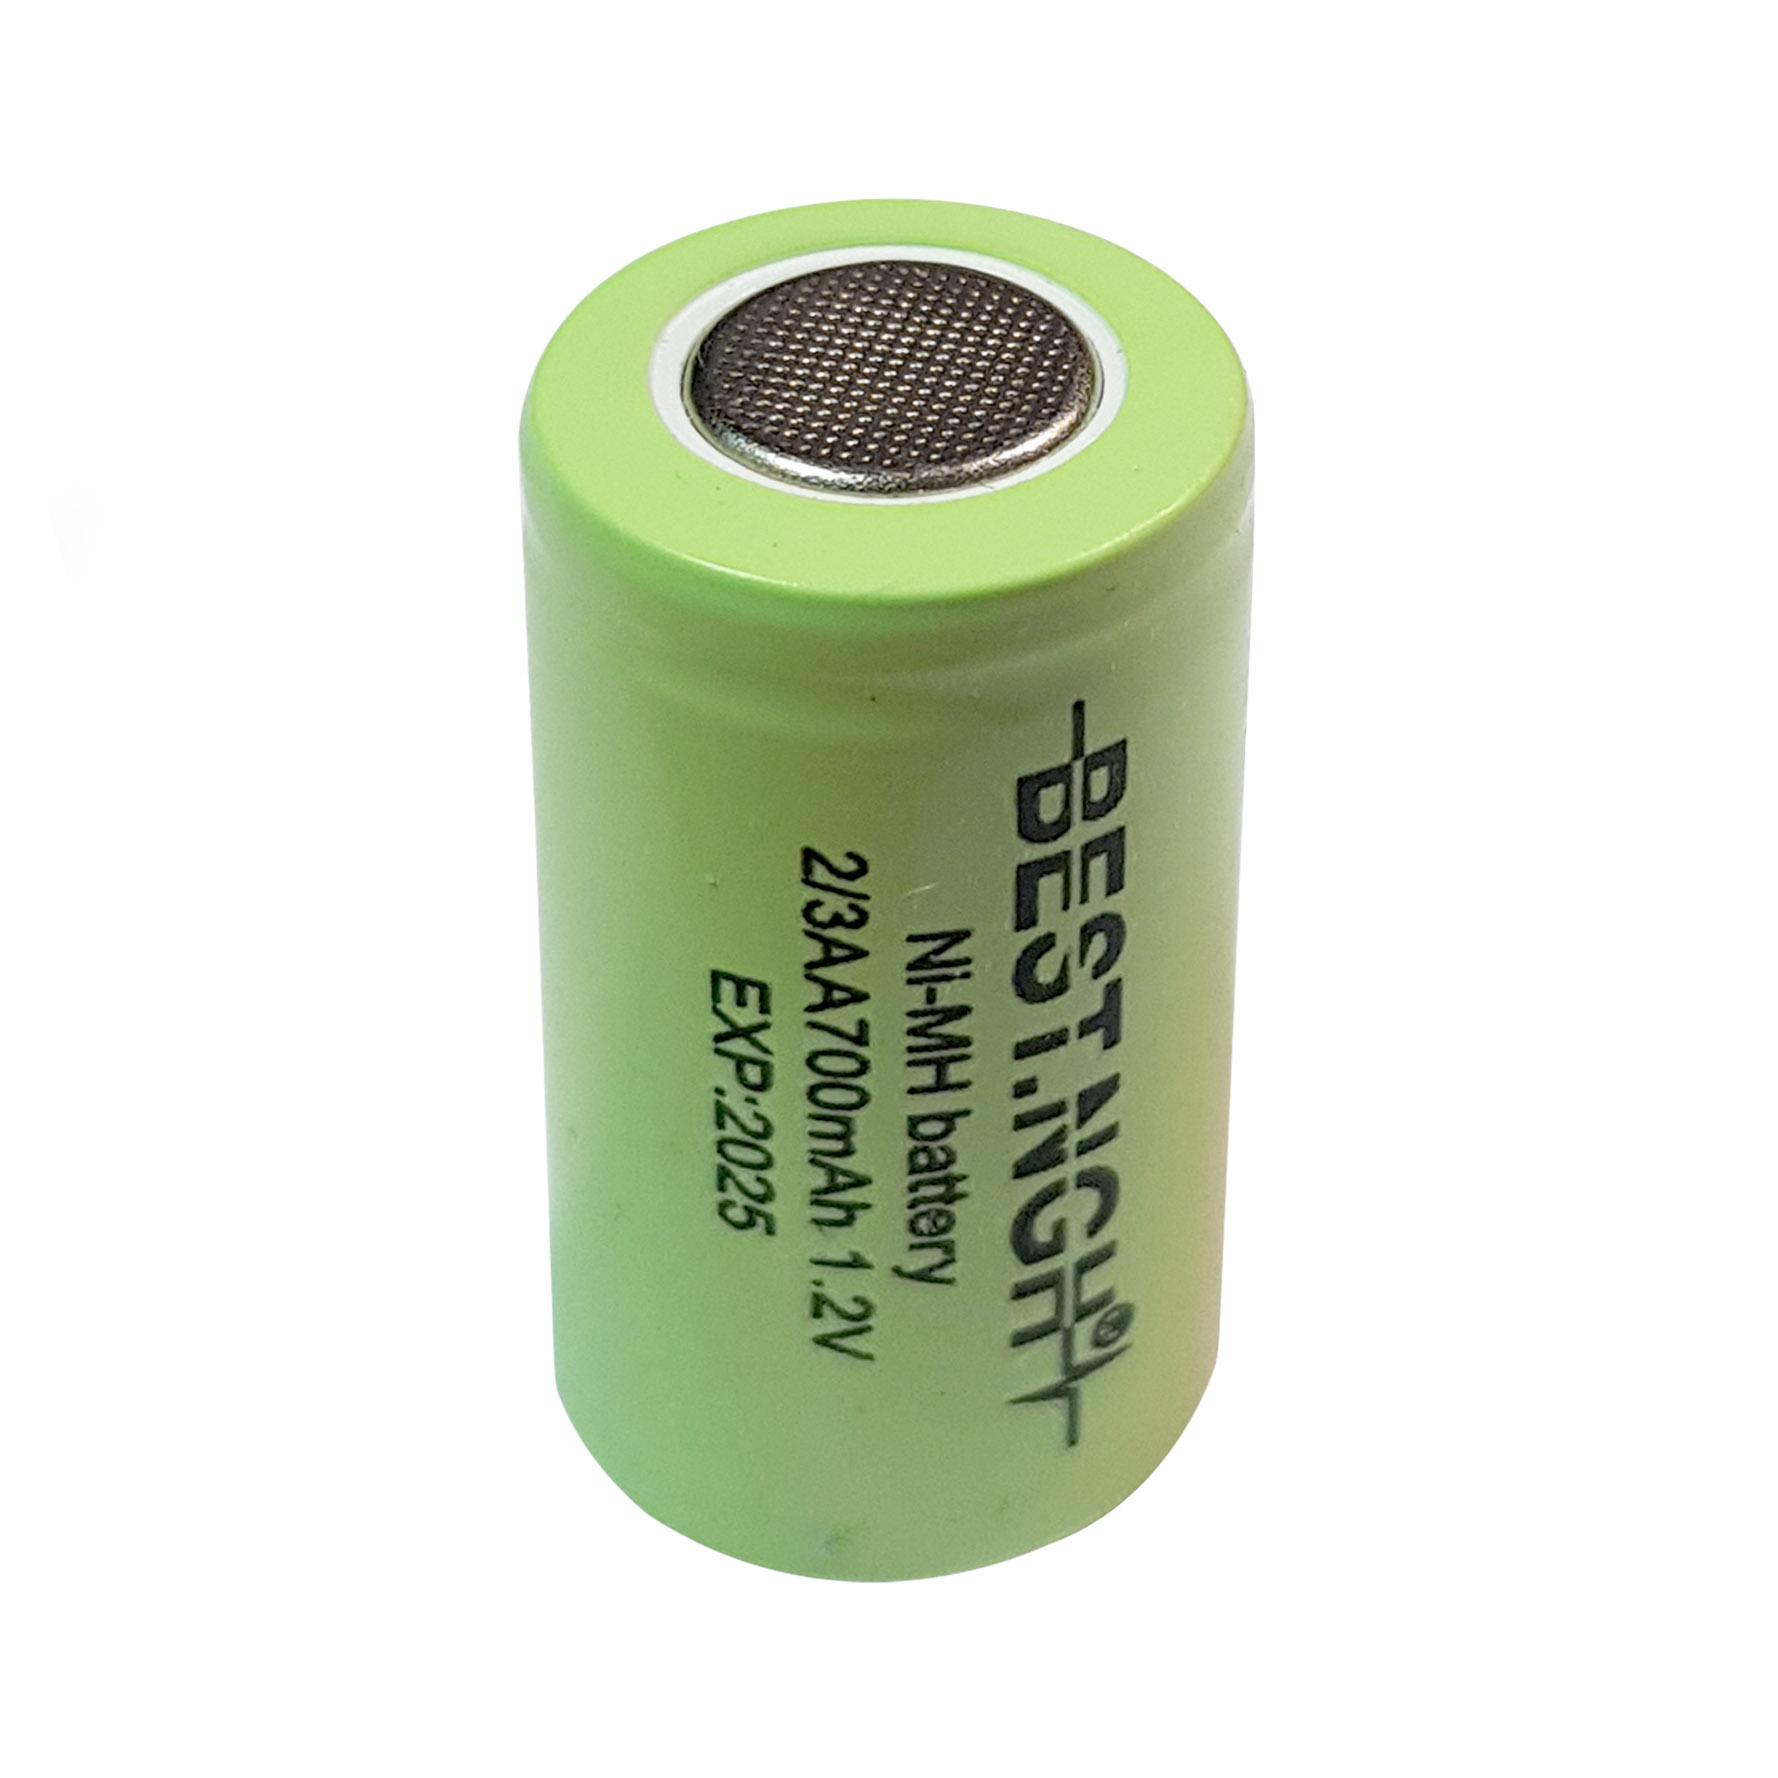 باتری نیکل متال هیدرید قابل شارژ بست ان جی اچ مدل Ni-111 ظرفیت 700 میلی آمپر ساعت